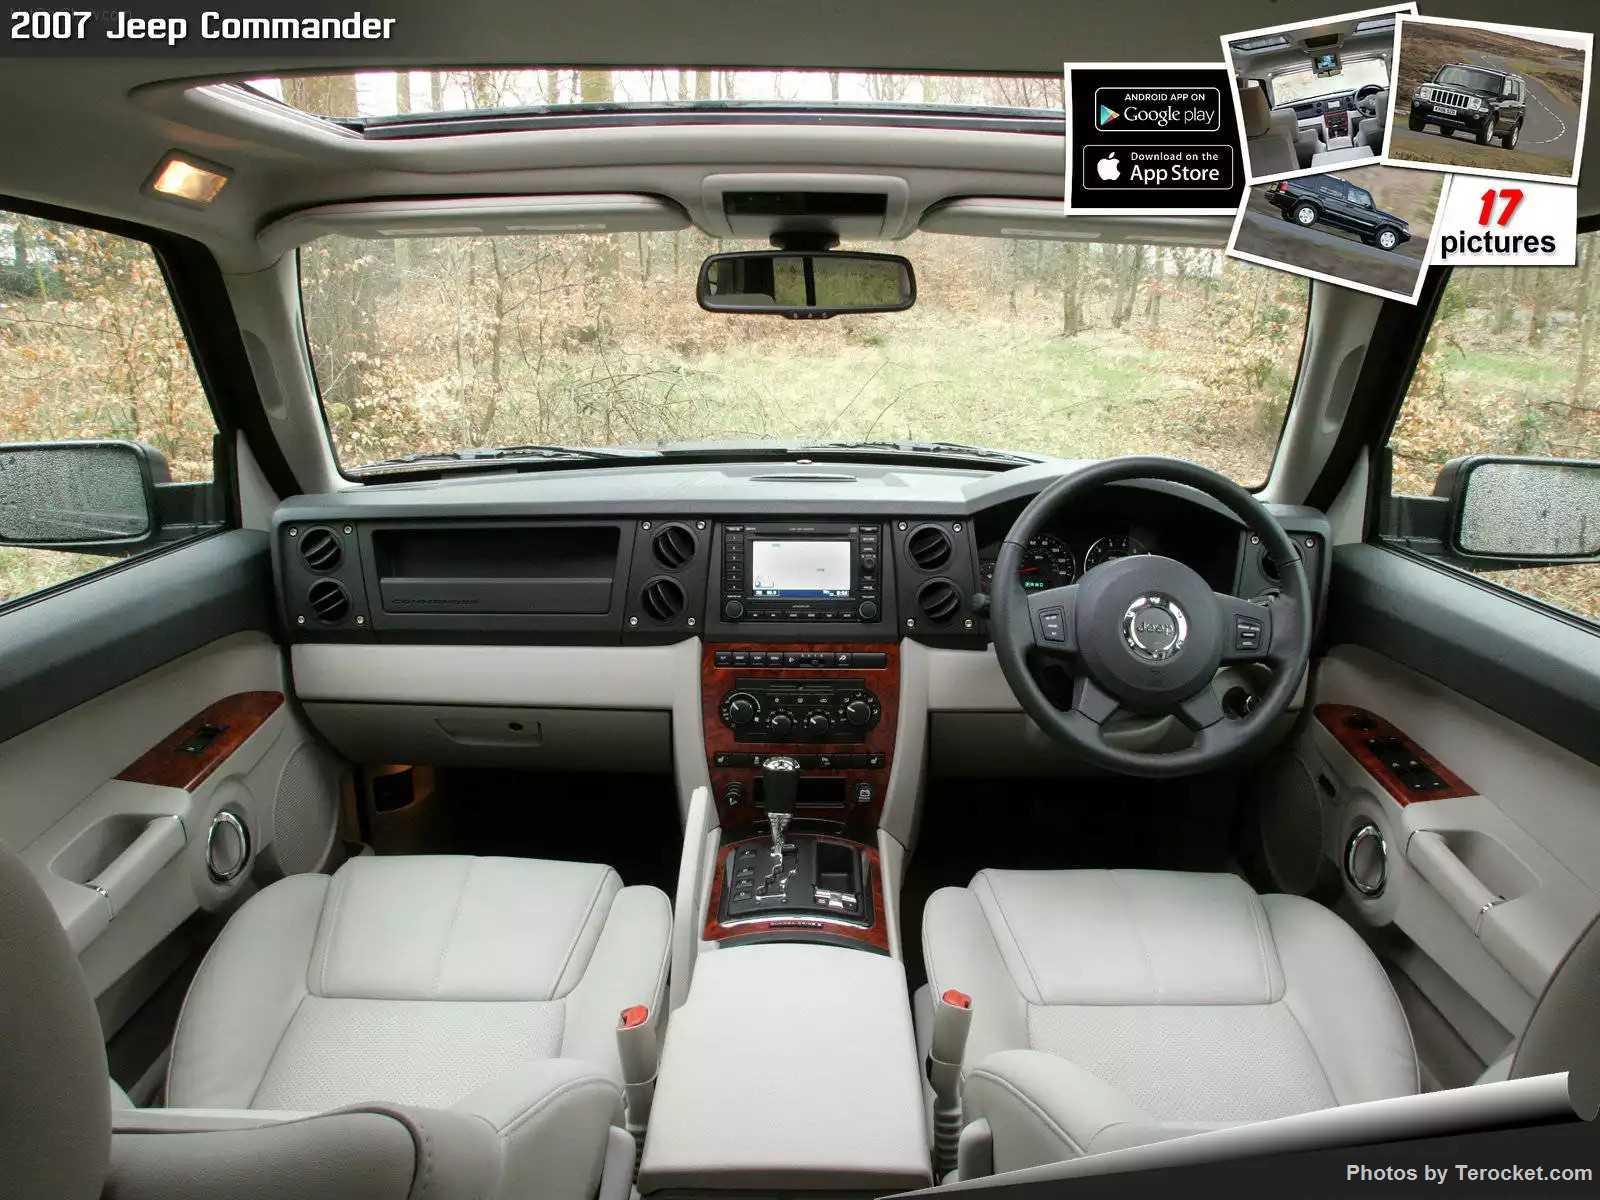 Hình ảnh xe ô tô Jeep Commander UK Version 2007 & nội ngoại thất